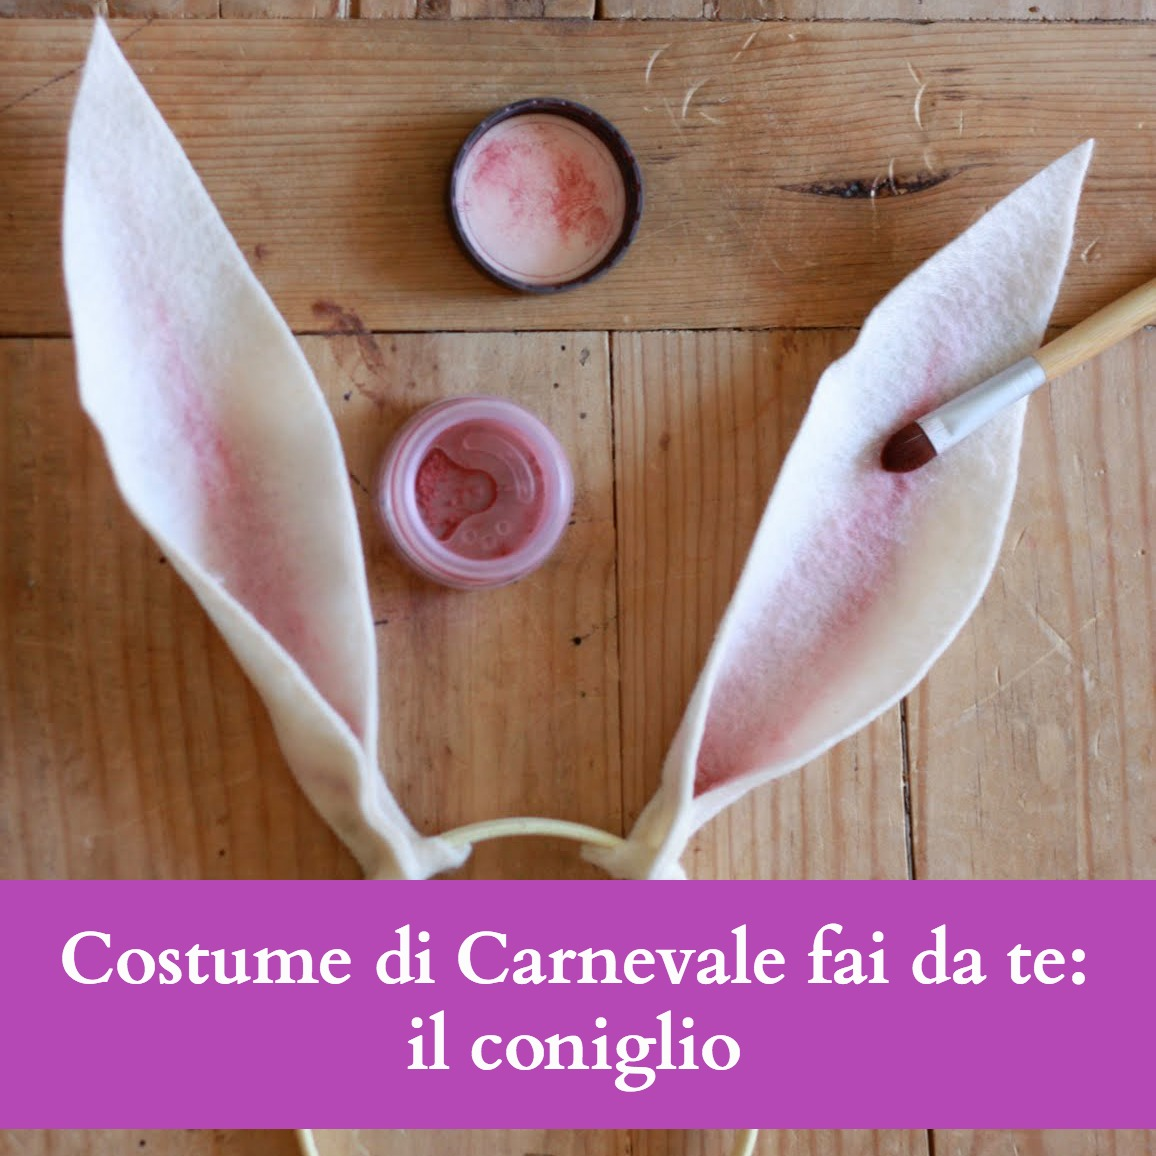 Te Coniglio Babygreen Il Da Costume Di Fai Carnevale qxICwI467